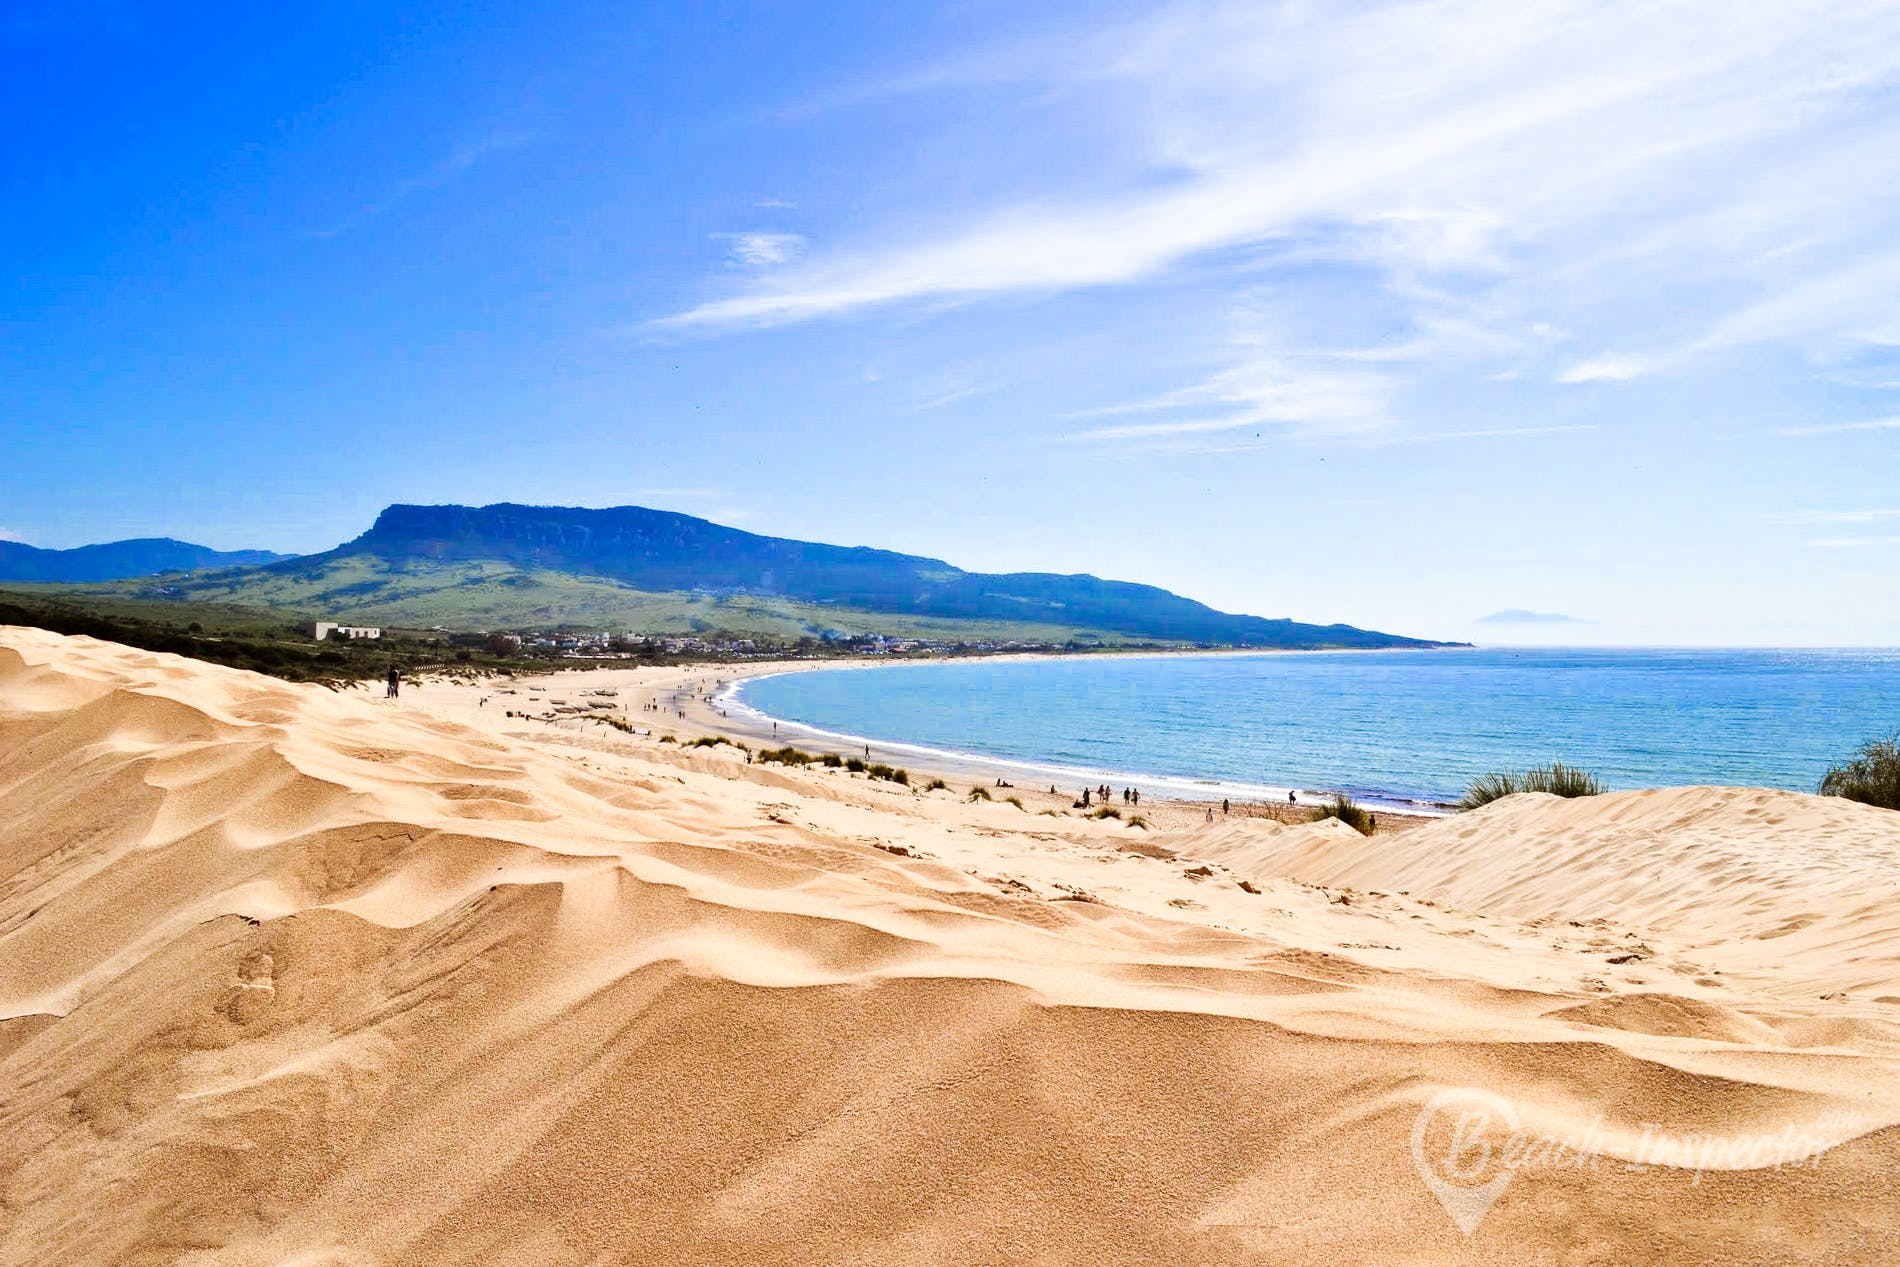 Strand Playa de Bolonia, Costa de la Luz, Spanien